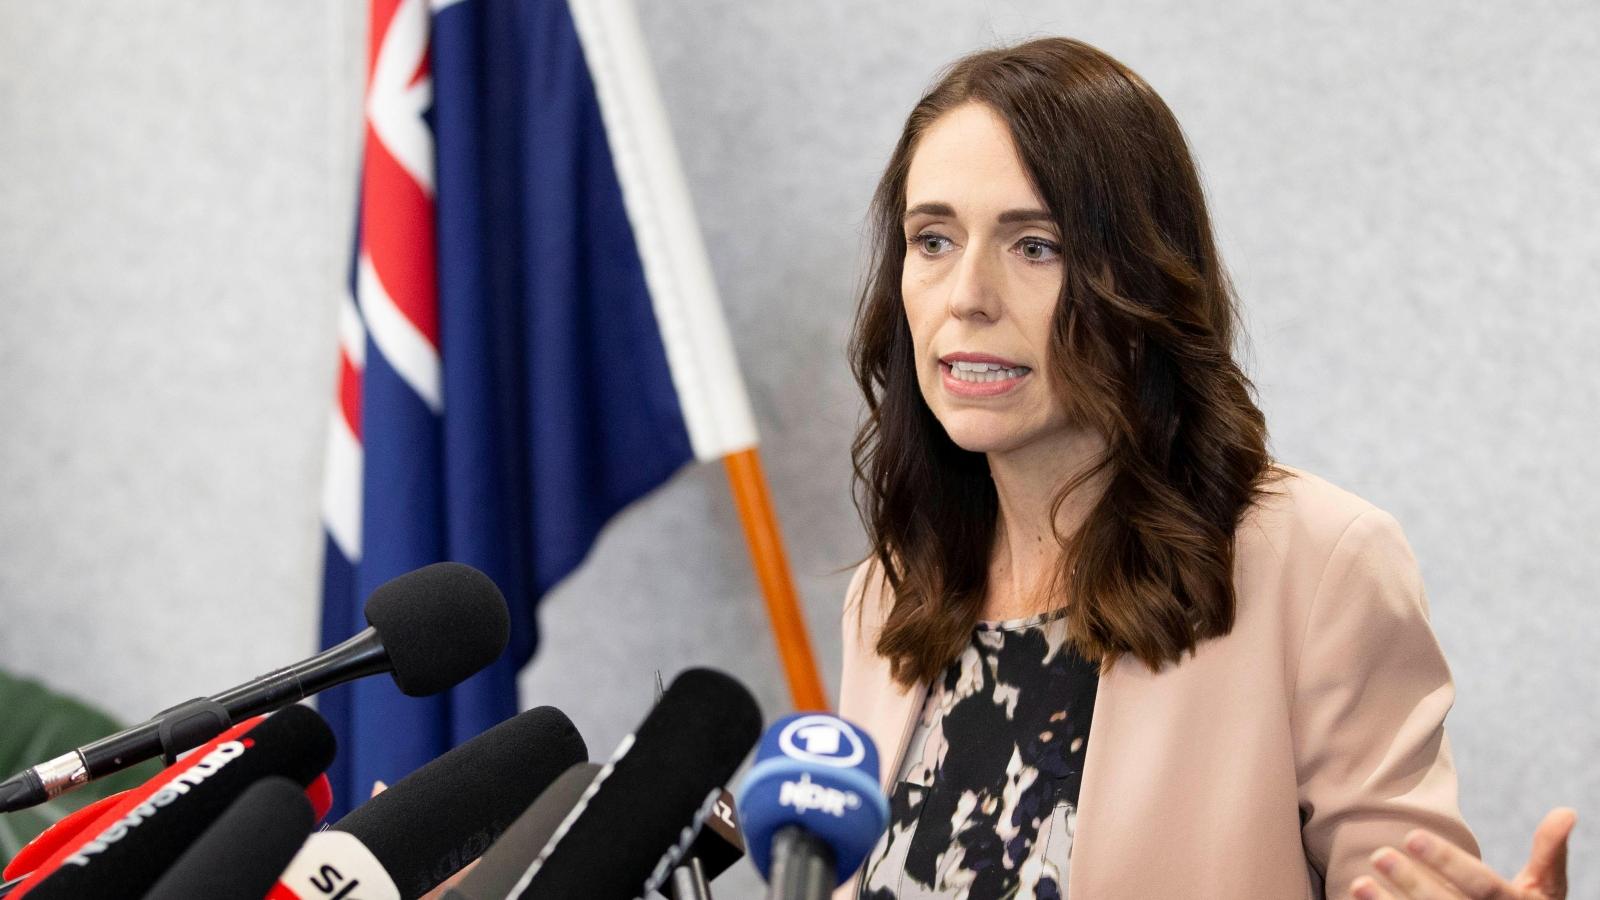 New Zealand mua thêm hơn 17 triệu liều vaccine ngừa Covid-19